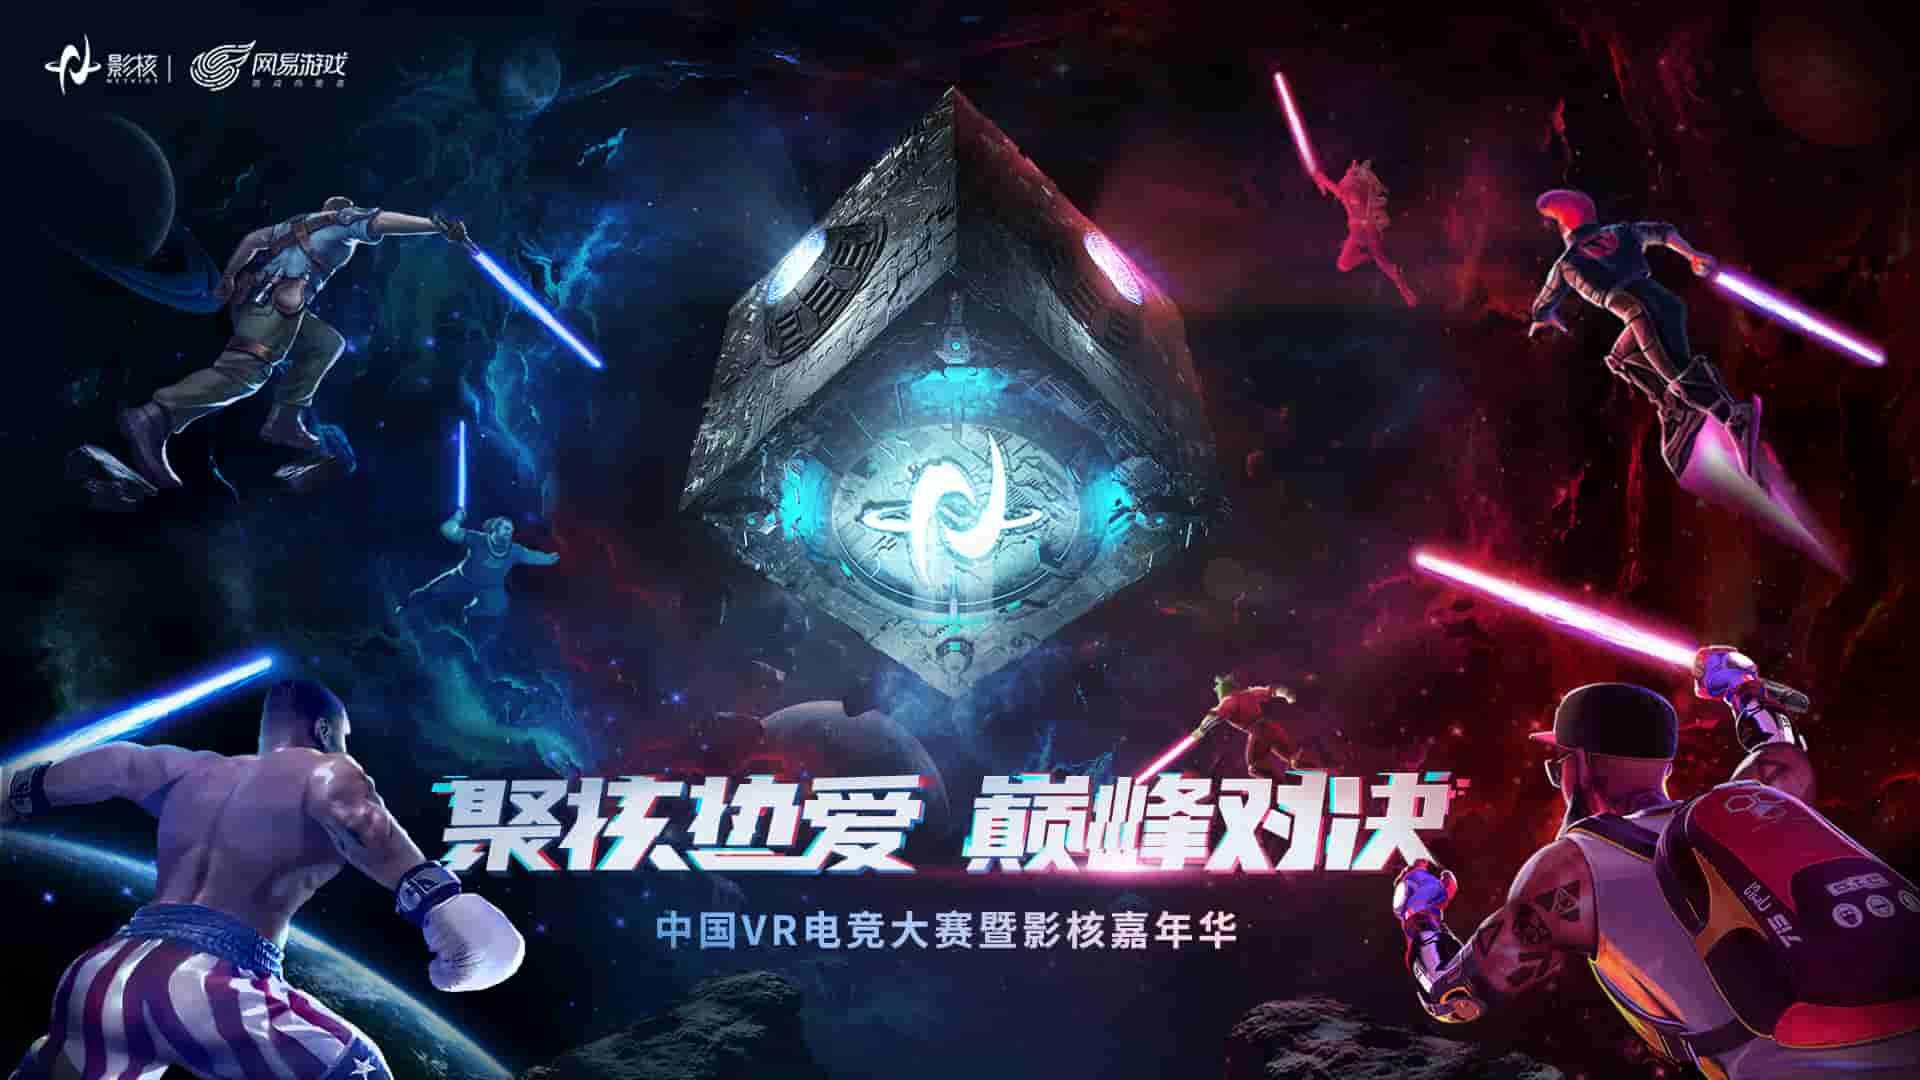 图一:中国VR电竞大赛火热开赛.jpg